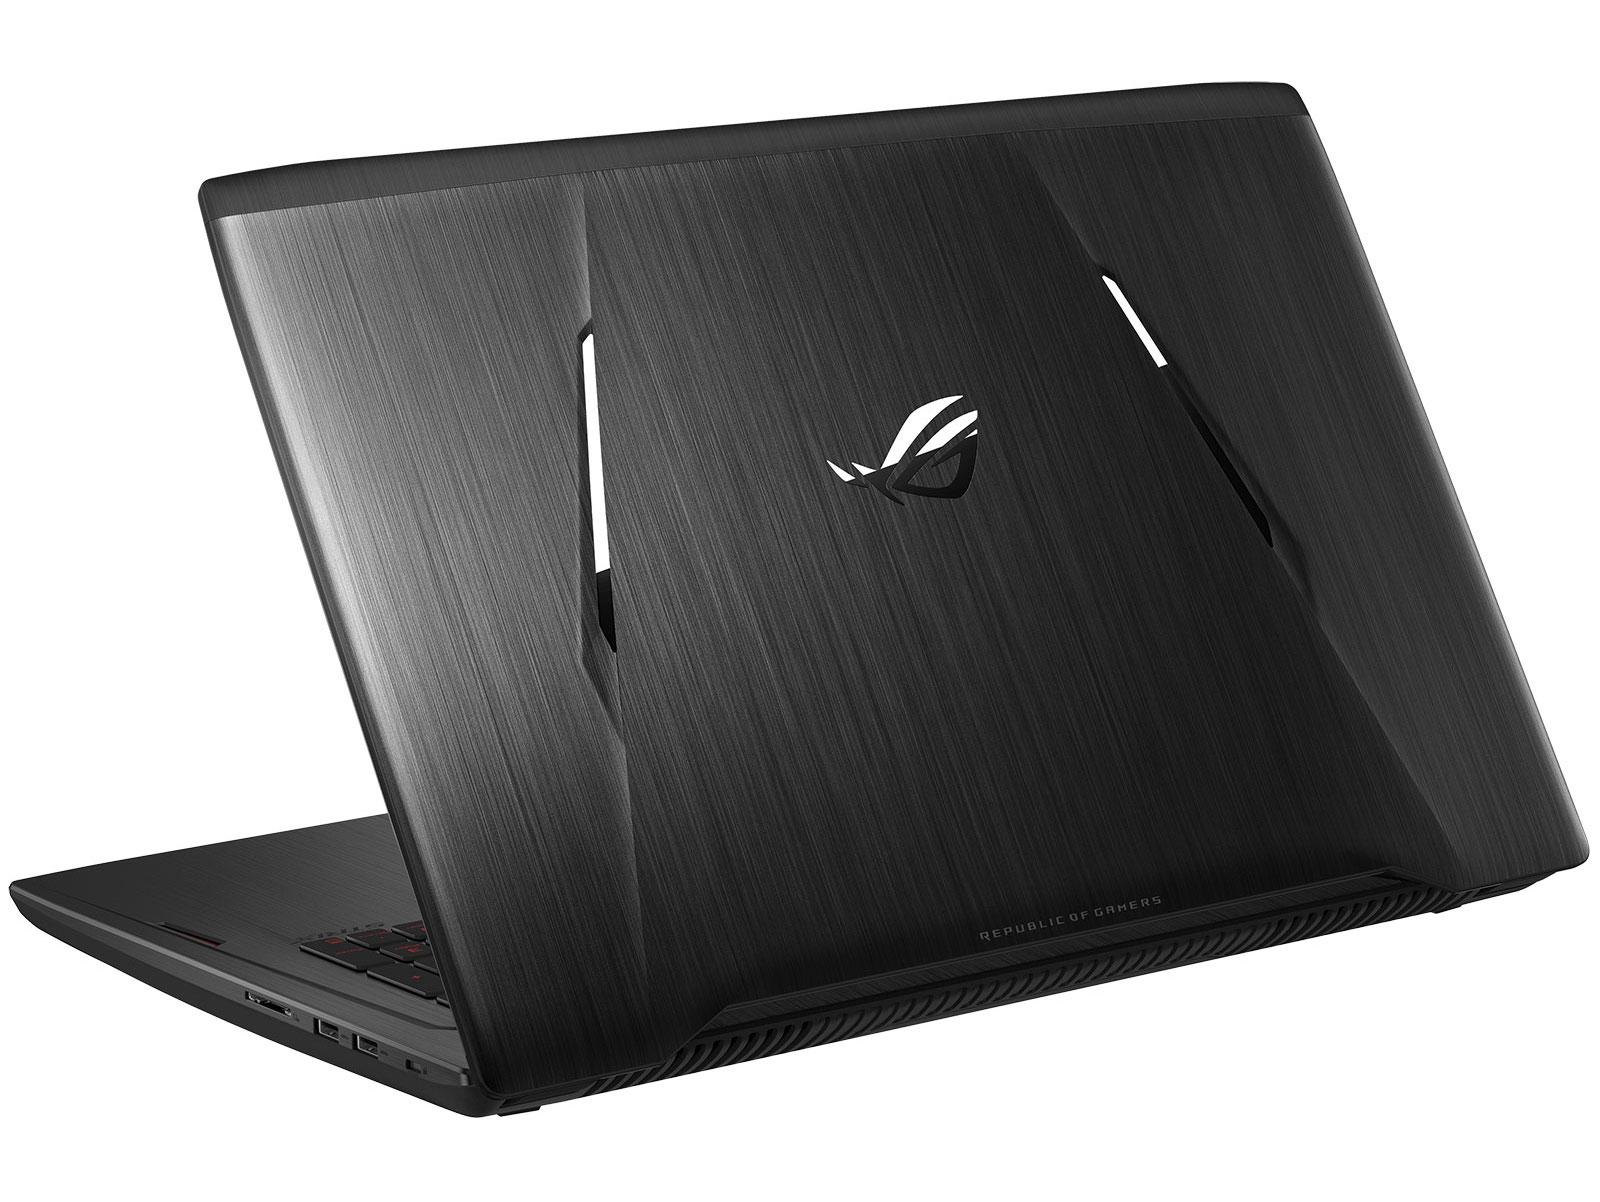 Asus GL702ZC-GC218T, PC gamer 17 pouces IPS RX 580 Ryzen 7 (1149€)